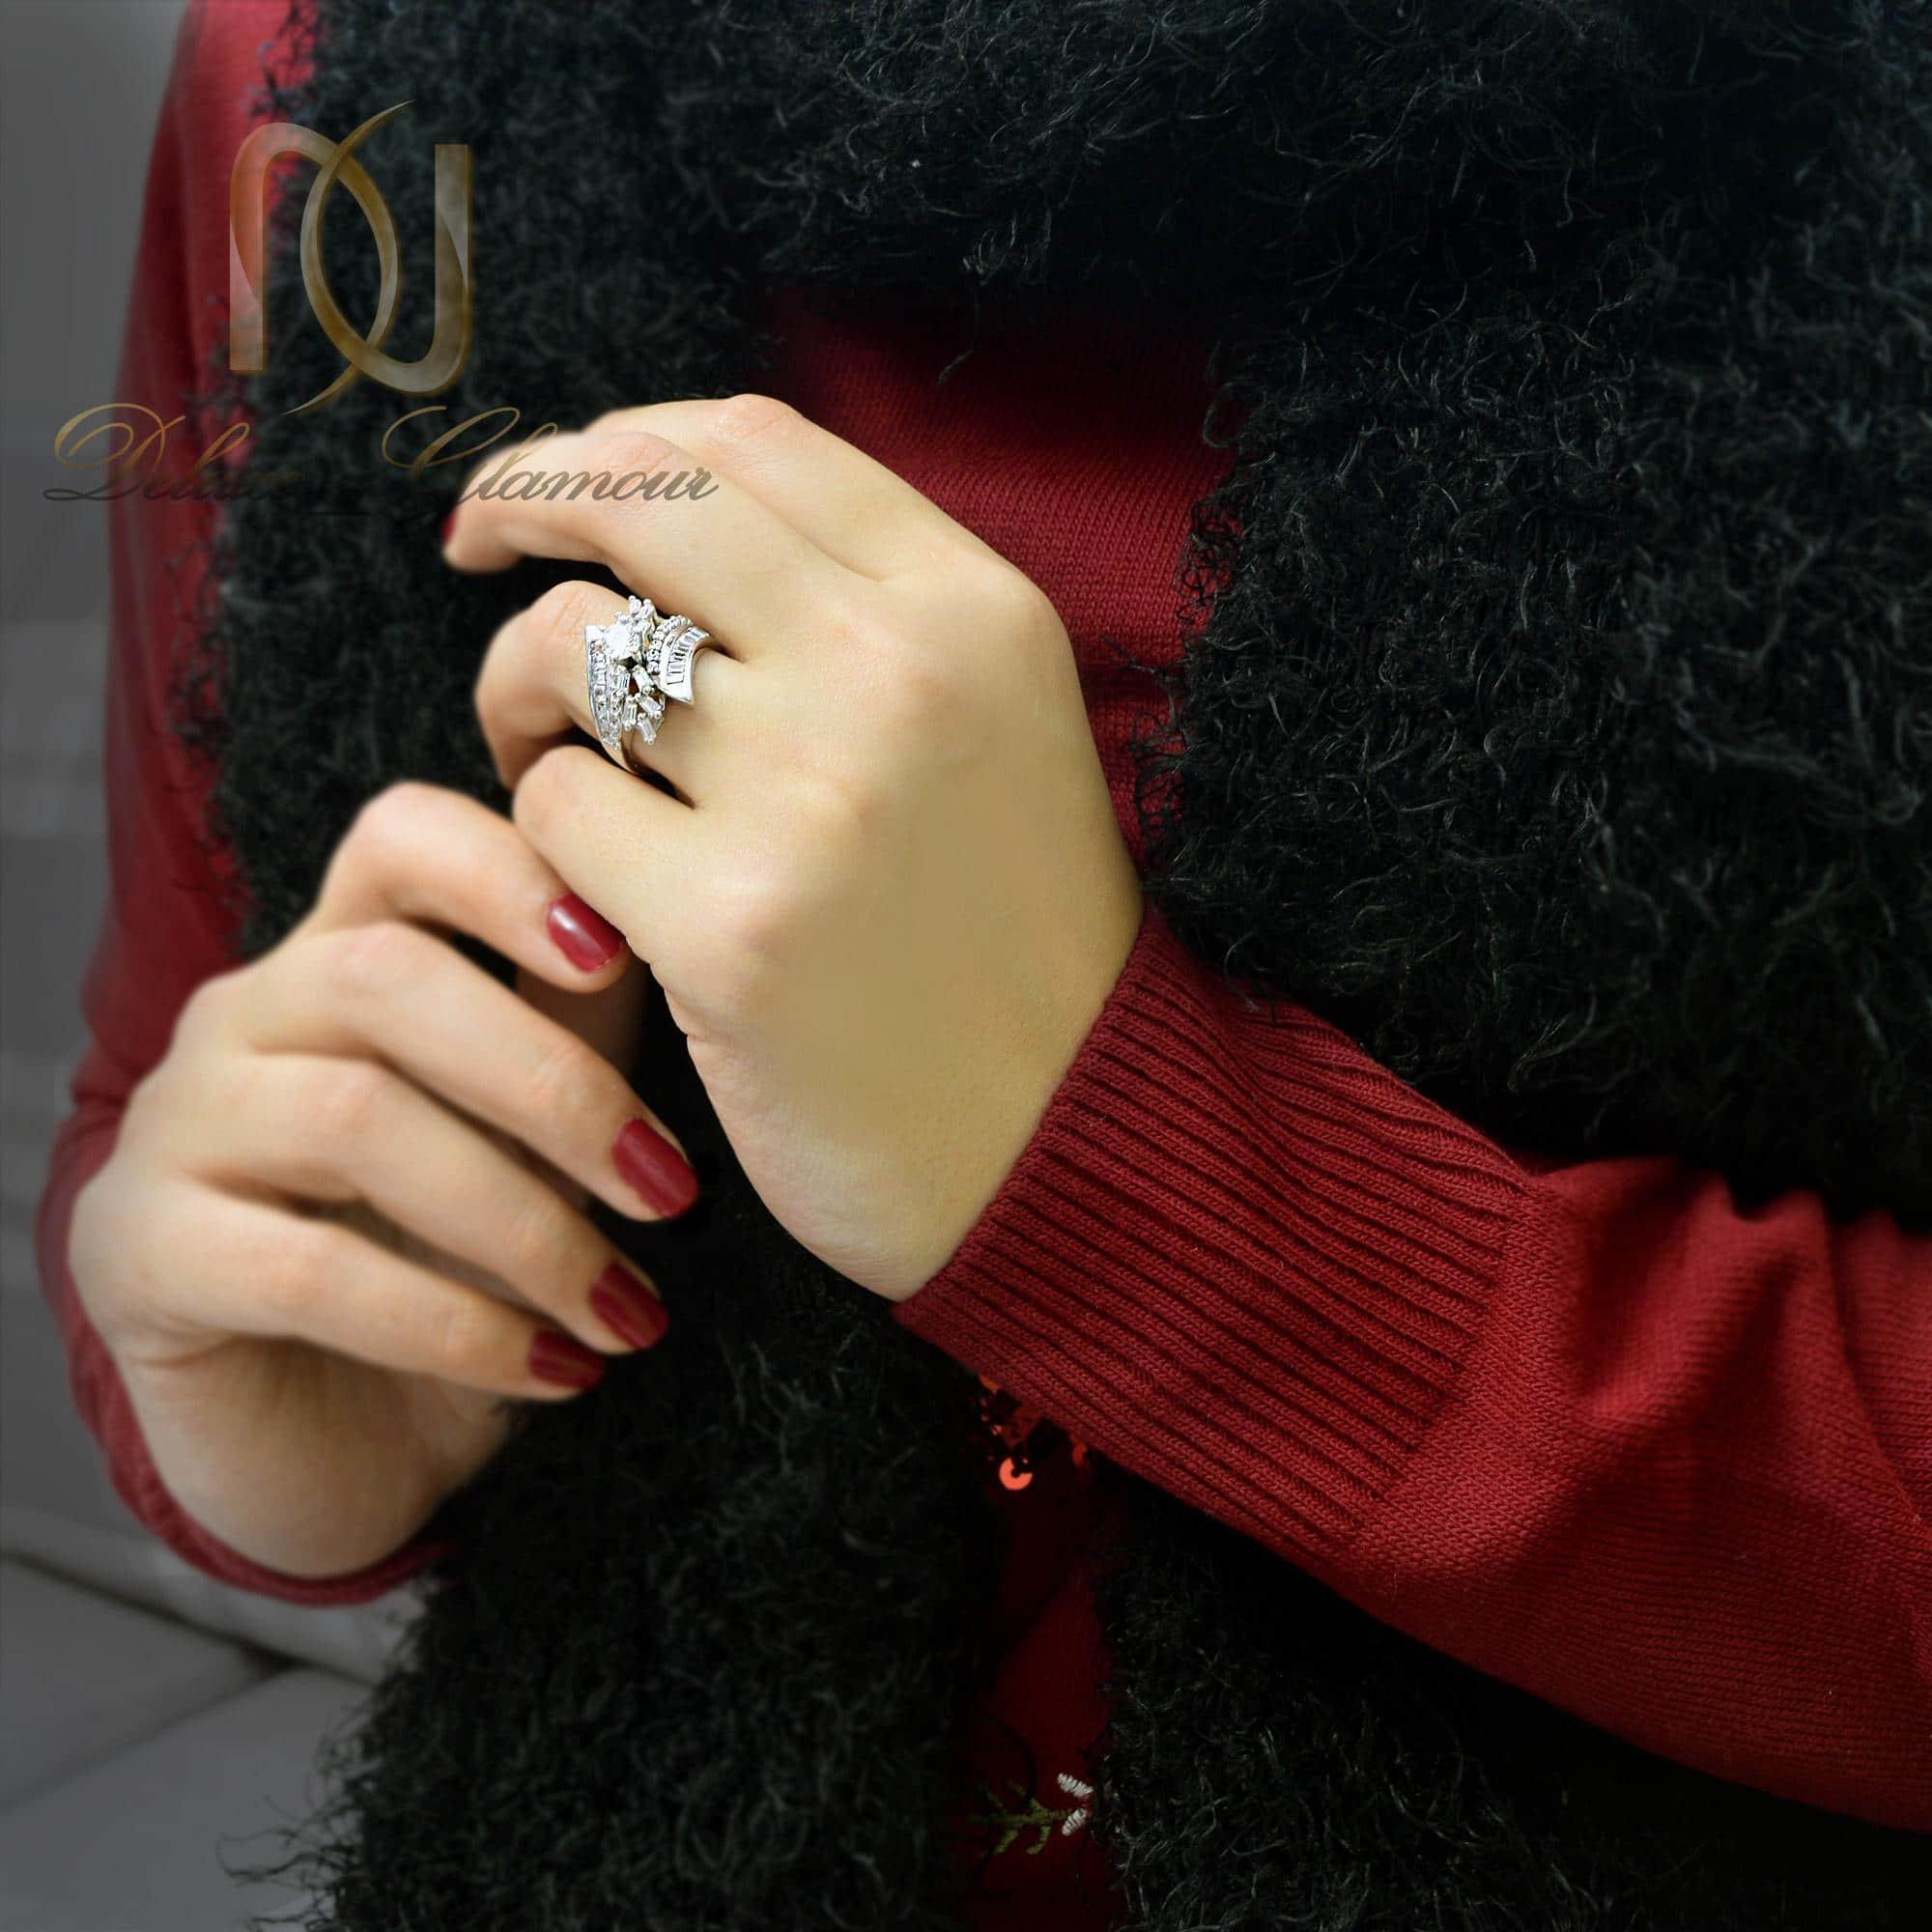 انگشتر نقره زنانه طرح تک نگین rg-n268 از نمای روی دست